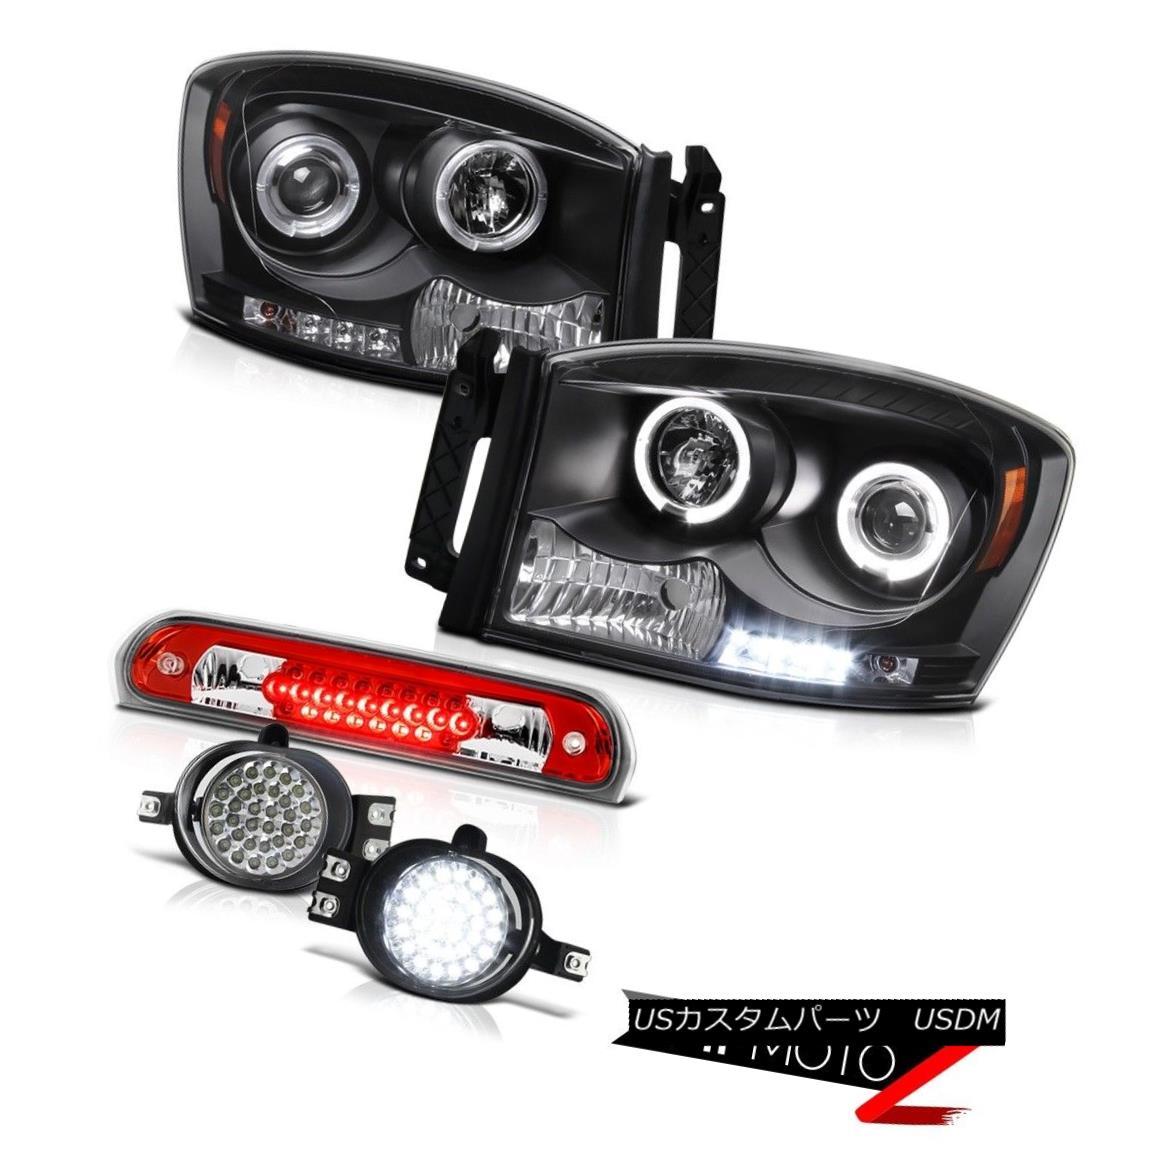 ヘッドライト Black Headlights Projector Wiring+LED Fog Wine Red Third Brake LED 07-08 Ram V8 ブラックヘッドライトプロジェクター配線+ LEDフォグワインレッド第3ブレーキLED 07-08 Ram V8